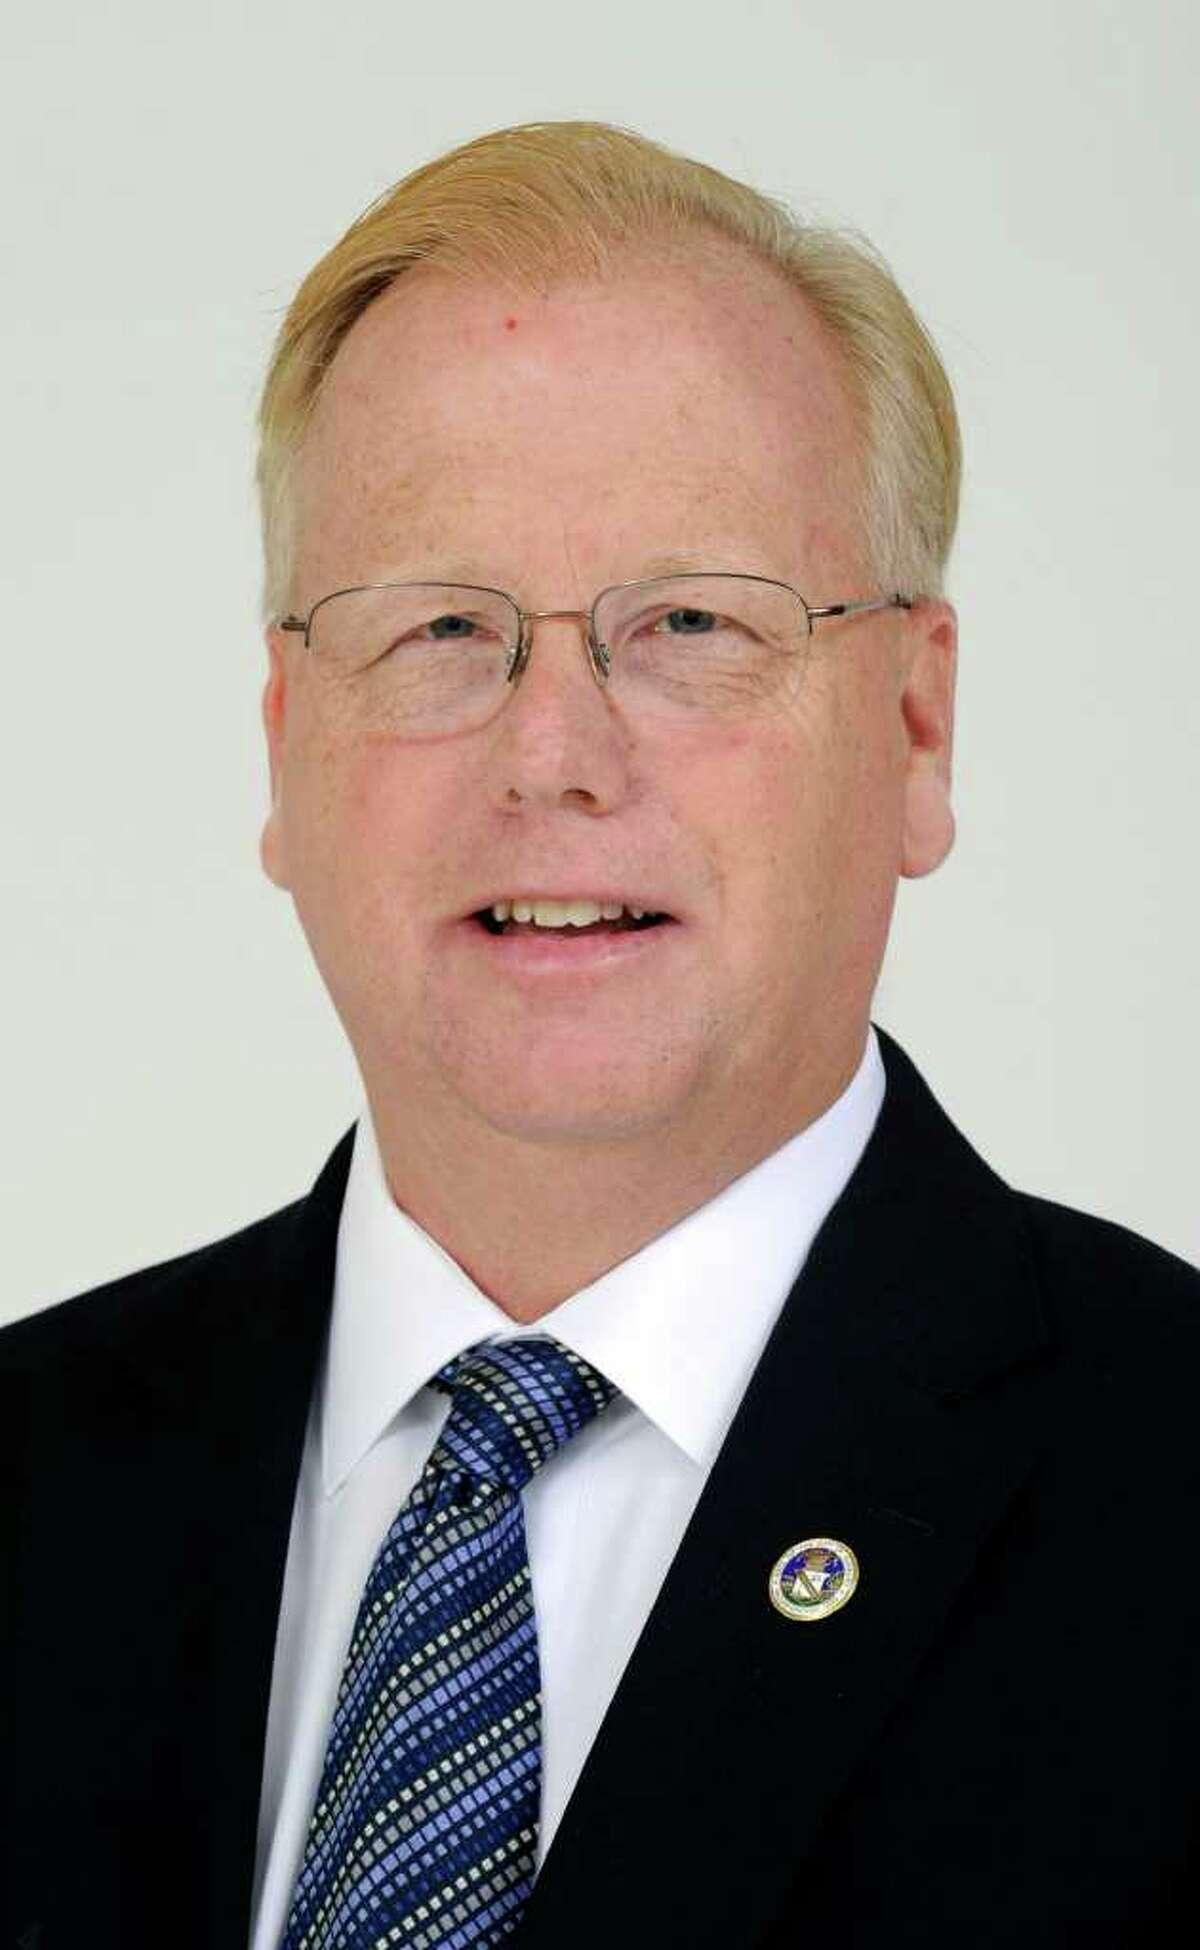 Danbury Mayor Mark Boughton.